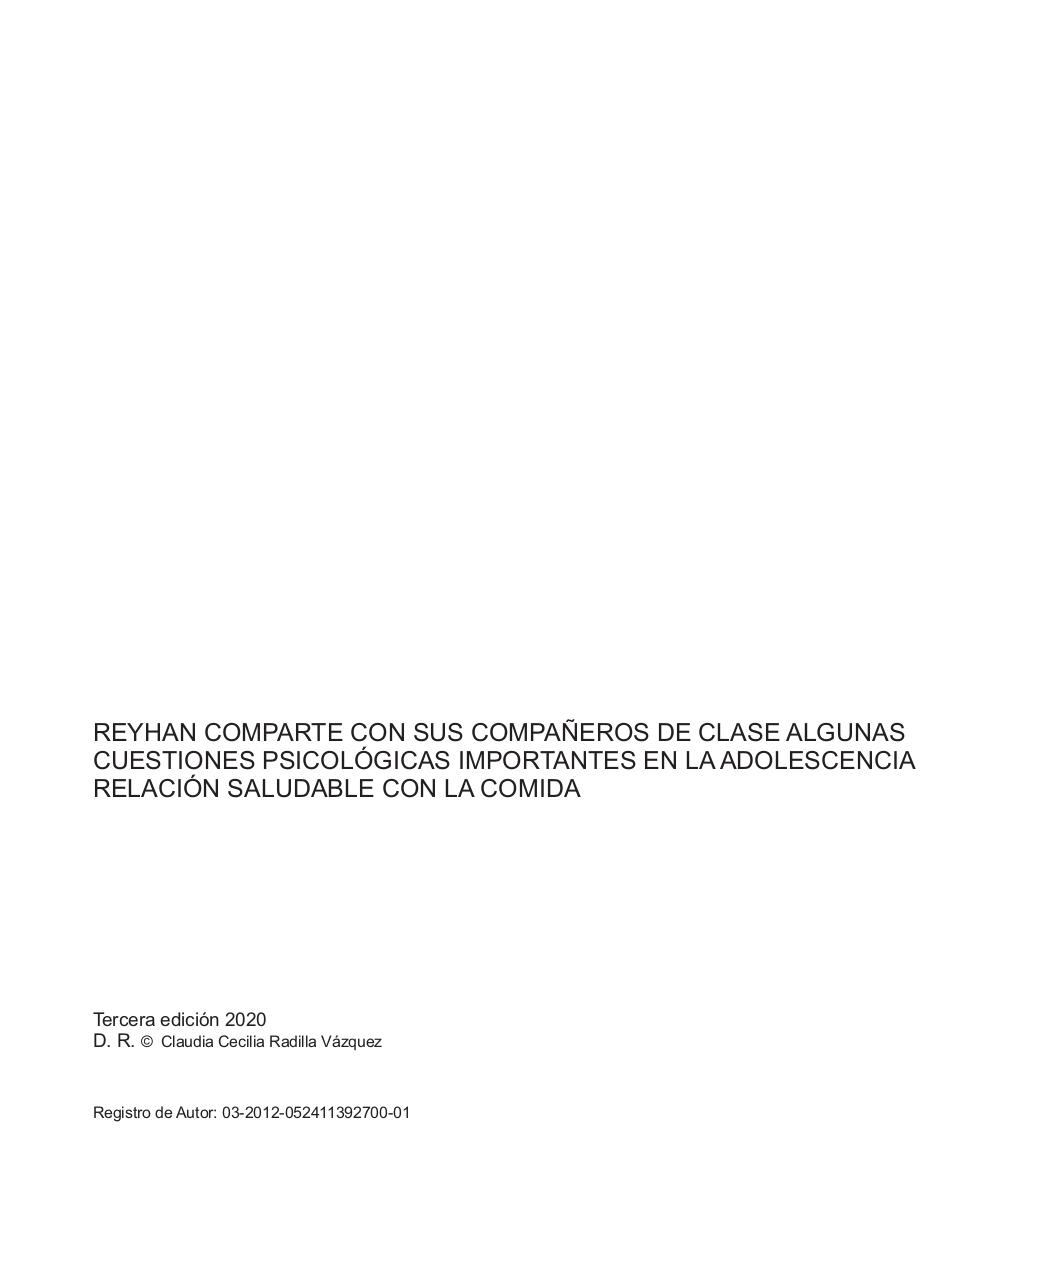 Psicología adolescentes Reyhan cap1 digital_page-0003